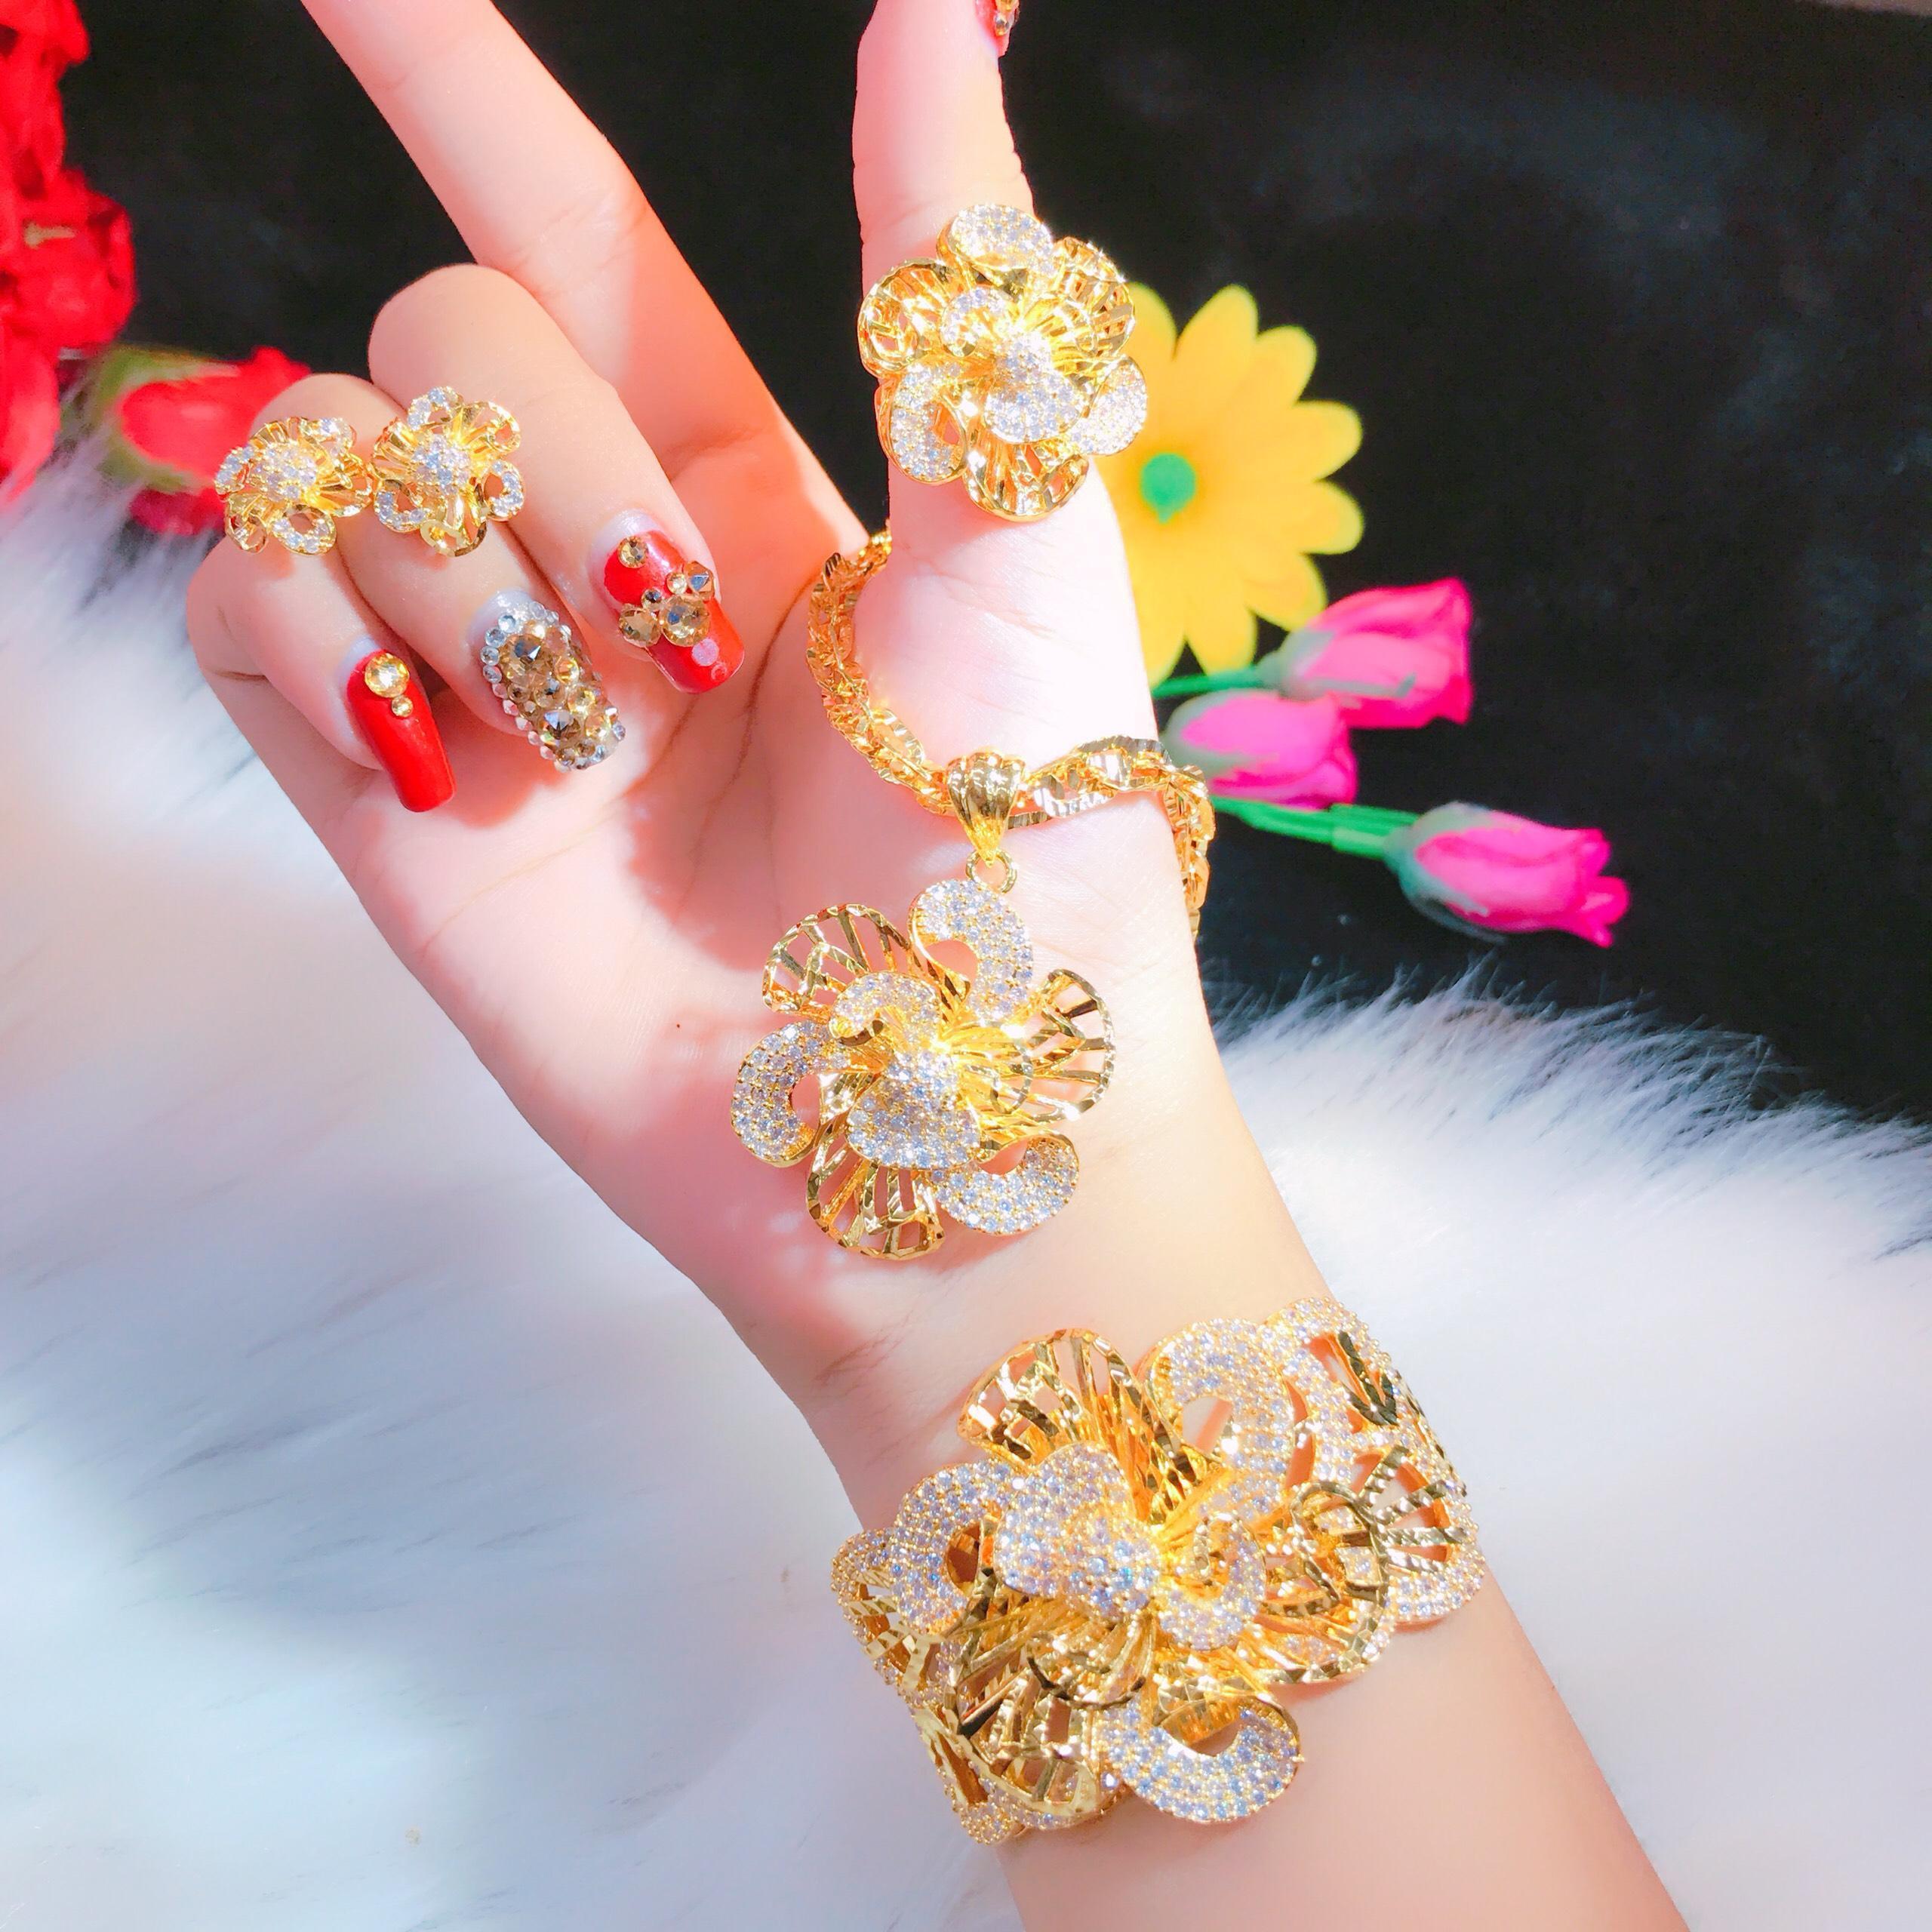 Bộ Trang Sức Vàng Hoa Hoa Xoay Xi Vàng 18k - Givishop - B4070753 , Bền Màu, Sáng Như Vàng Thật, Chất Liệu Bạc Thái, Không Đen, Không Ngứa - Thiết Kế Đi Tiệc, đồ trang sức vàng,  nữ trang bộ vàng 18k, trang sức vàng, nữ trang vàng 18k